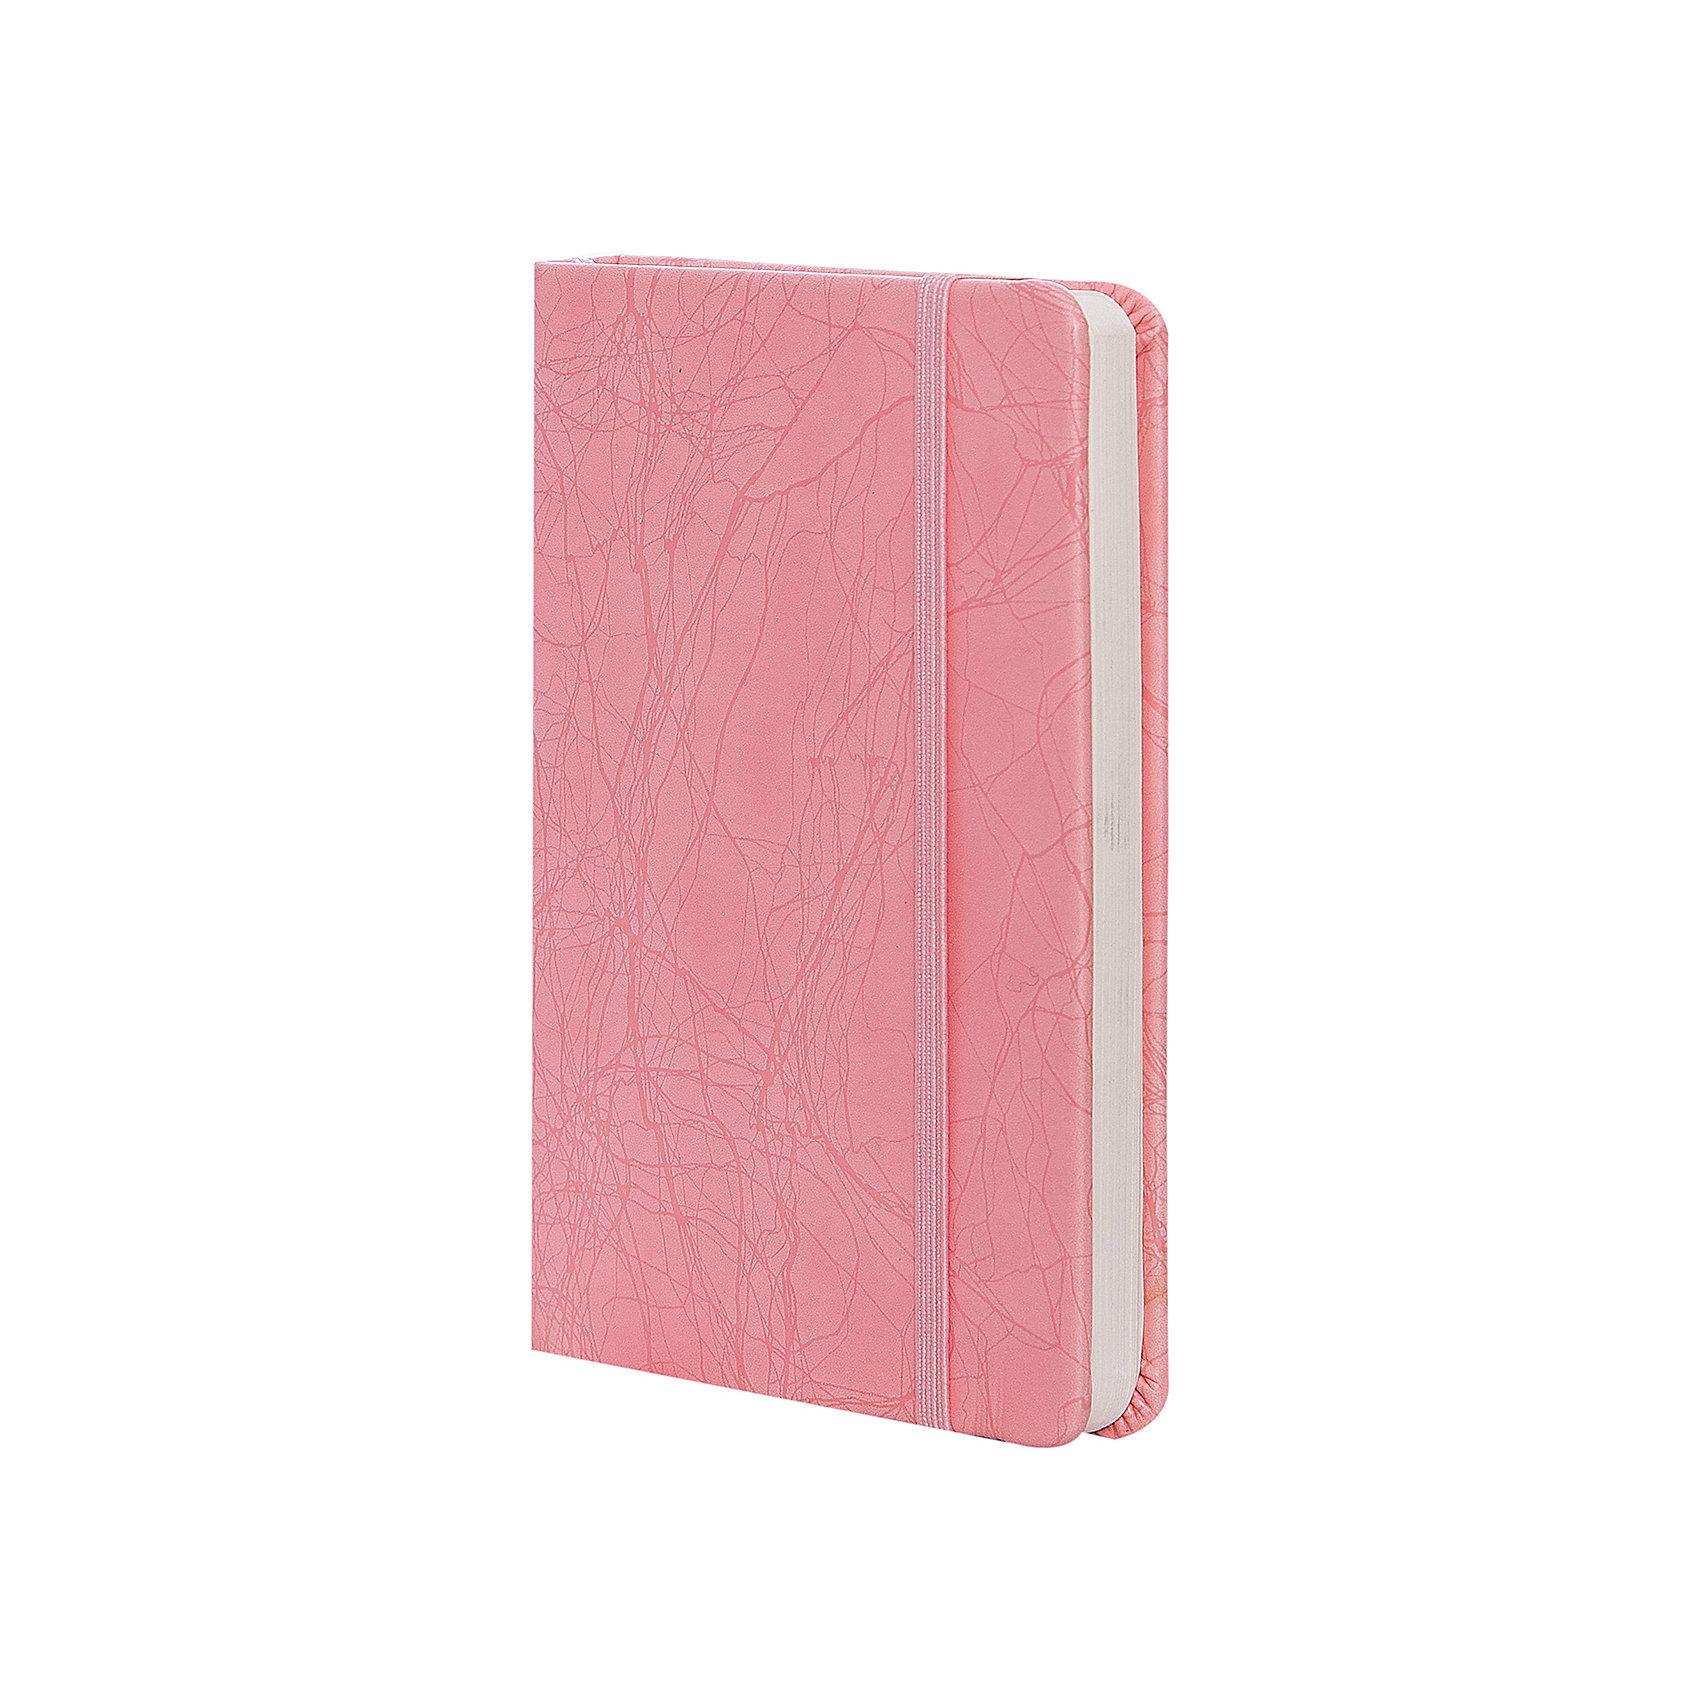 Ежедневник недатированныйБумажная продукция<br>Универсальный недатированный ежедневник пригодится как деловому взрослому так и ребенку.<br><br>Дополнительная информация:<br><br>- Формат: А5.<br>- Линовка: линия.<br>- Крепление: книжное (прошивка).<br>- Обложка: твердая.<br>- Материал: бумага, картон.<br>- Размер упаковки: 14,5х10х1,3 см.<br>- Вес в упаковке: 123 г.<br><br>Купить ежедневник недатированный, можно в нашем магазине.<br><br>Ширина мм: 145<br>Глубина мм: 100<br>Высота мм: 13<br>Вес г: 123<br>Возраст от месяцев: -2147483648<br>Возраст до месяцев: 2147483647<br>Пол: Женский<br>Возраст: Детский<br>SKU: 4943479